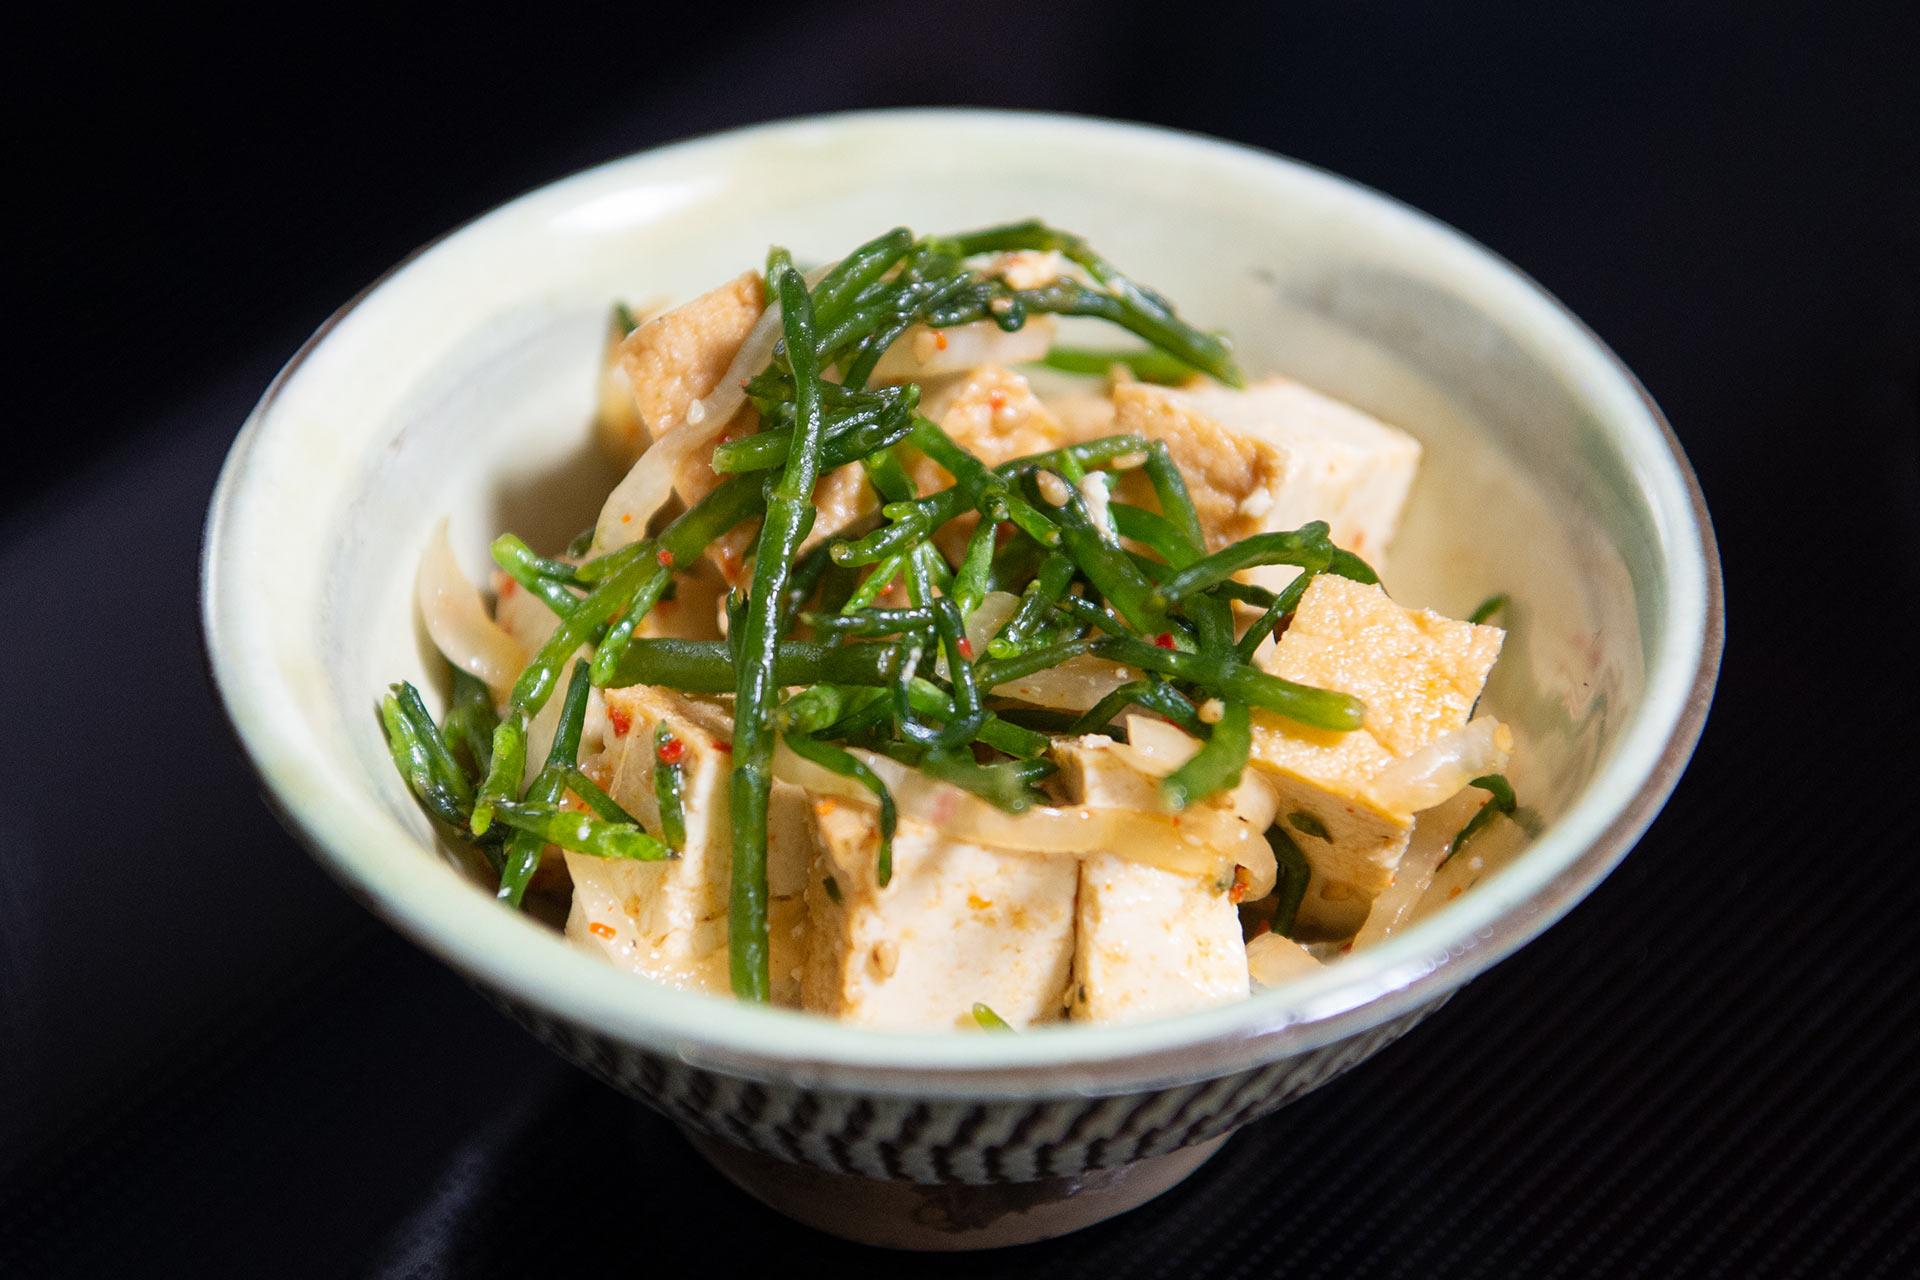 タムラの豆腐とシーアスパラガスのポケ